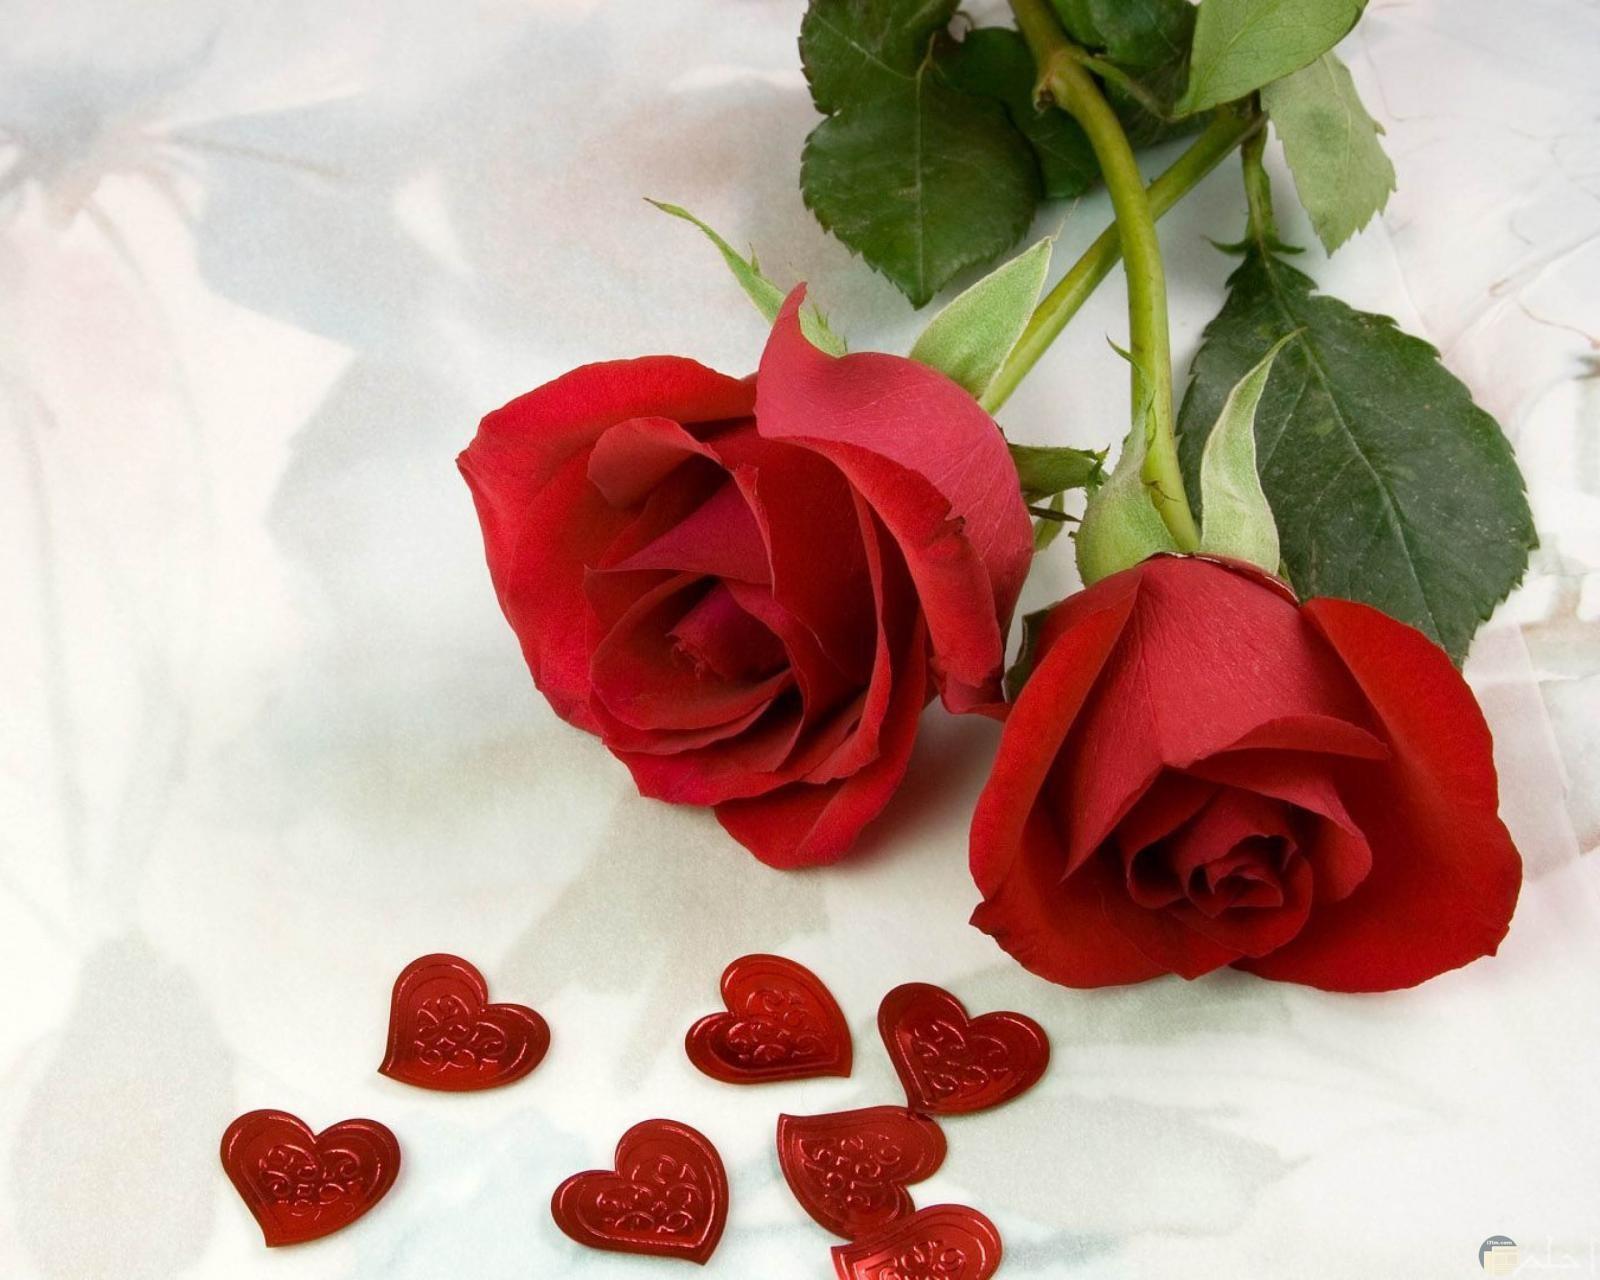 زهور حمراء للعشاق